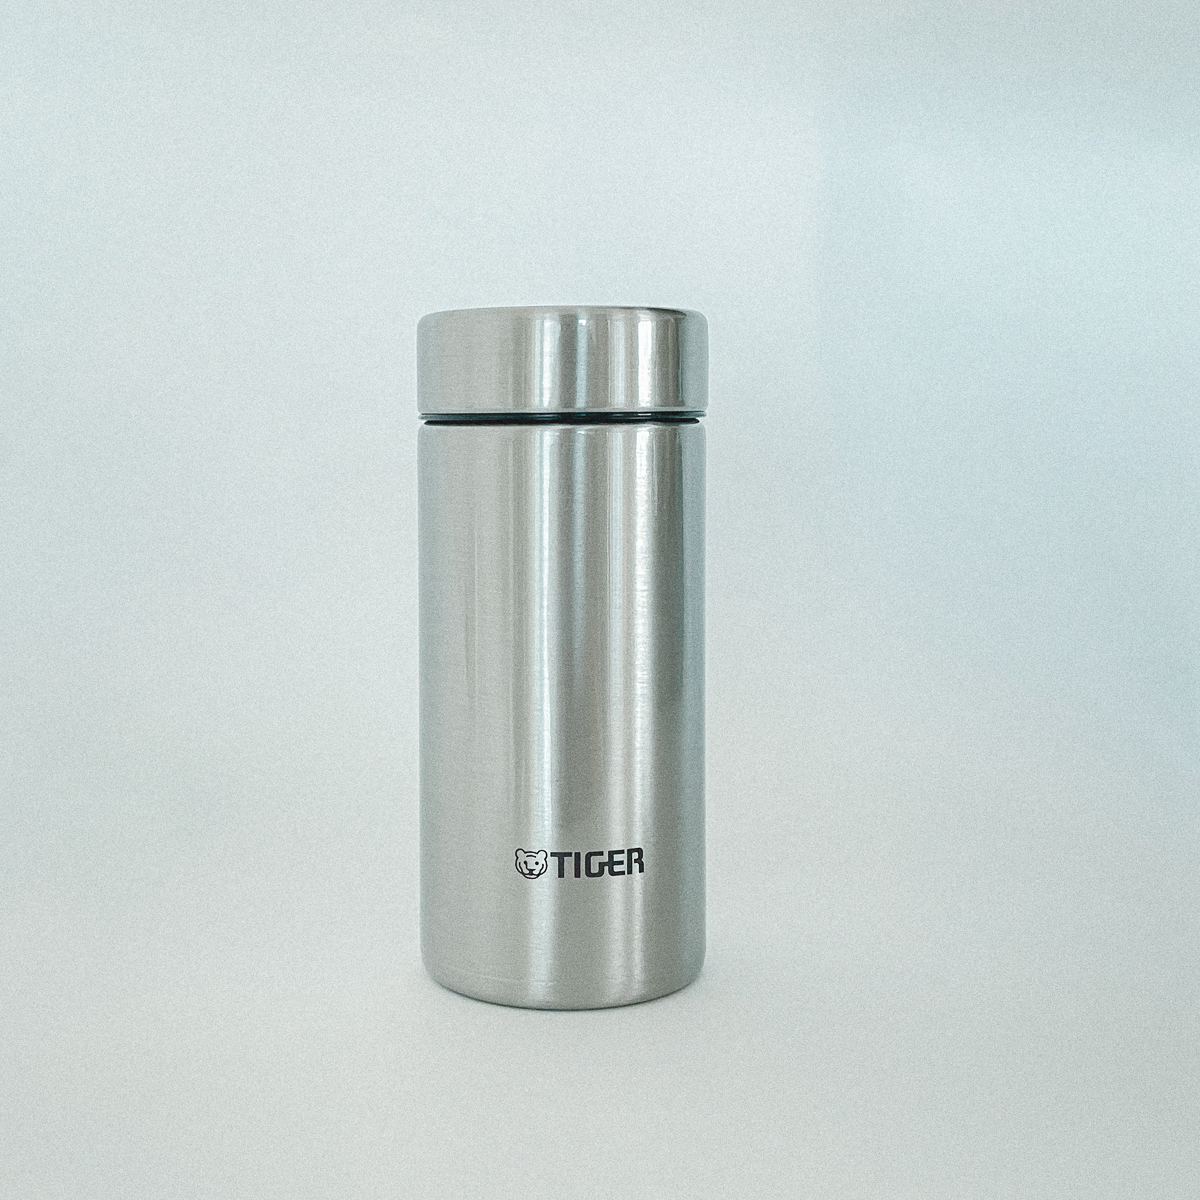 タイガー 無重力 ステンレス ボトル タンブラー おすすめ 水筒 日用品 シンプル 小さい